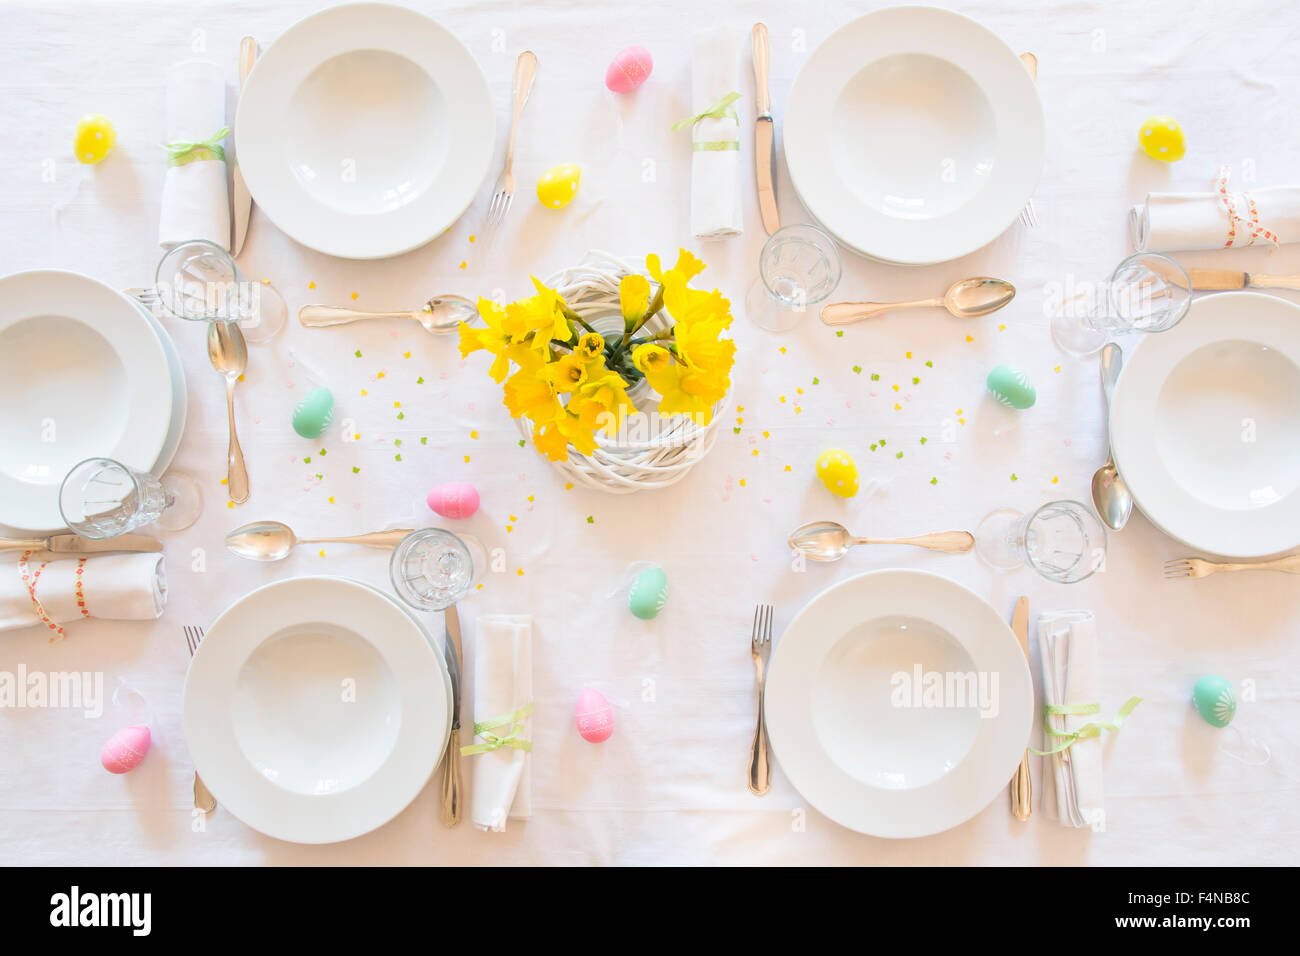 Table de Pâques mis avec bouquet de jonquilles Photo Stock